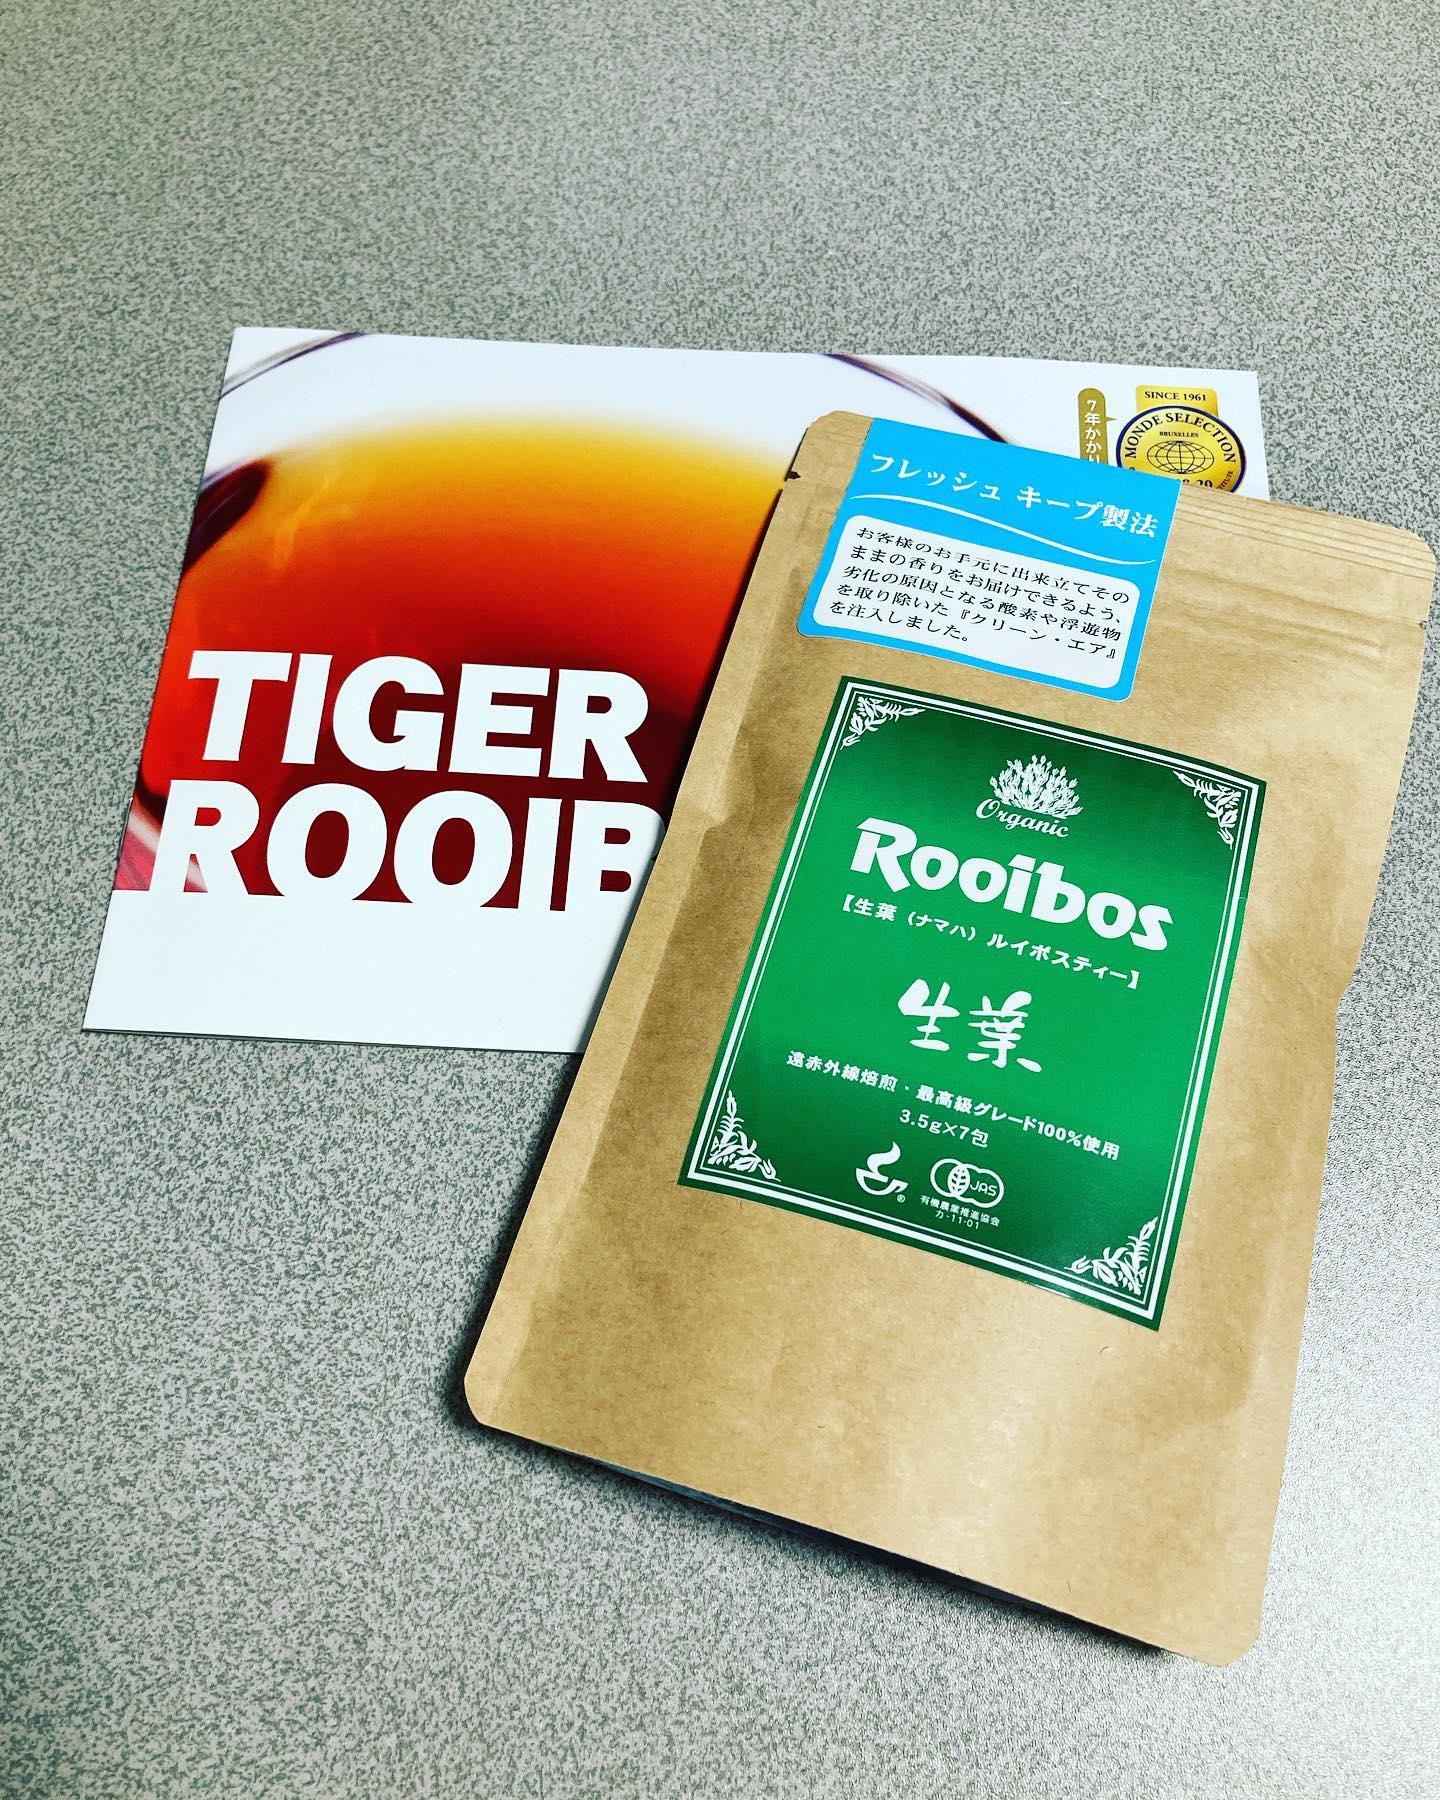 口コミ投稿:タイガー様のルイボスティーを飲んでみました⸌⍤⃝⸍美味しくて飲みやすく、何回もリピ…